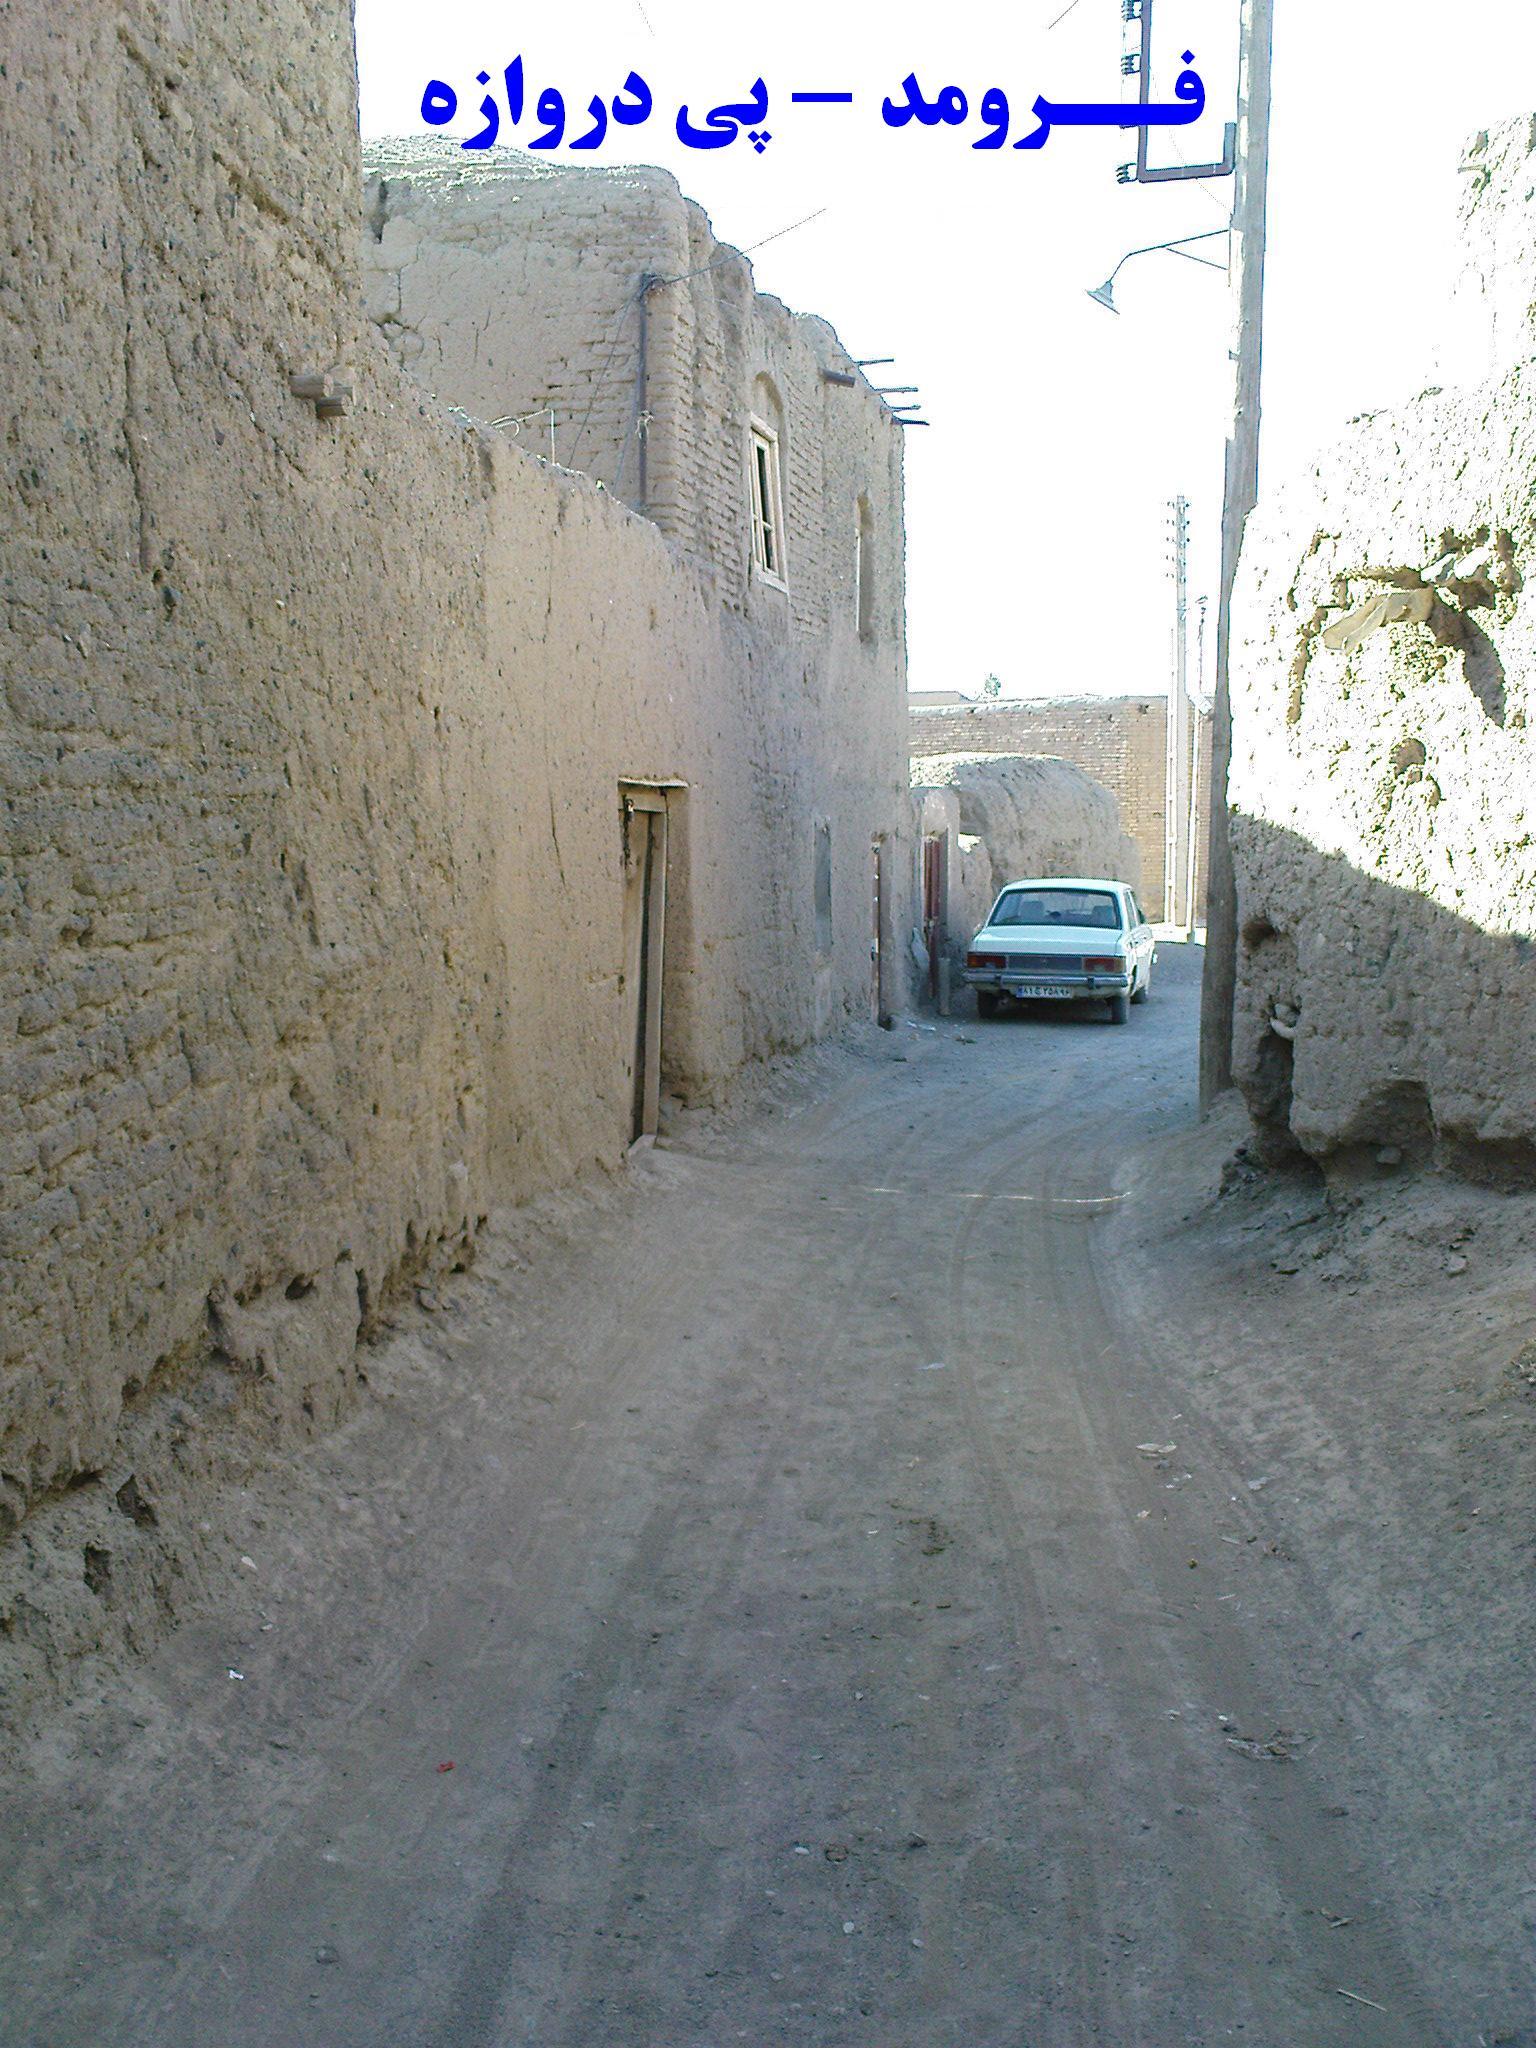 فرومد - پی دروازه